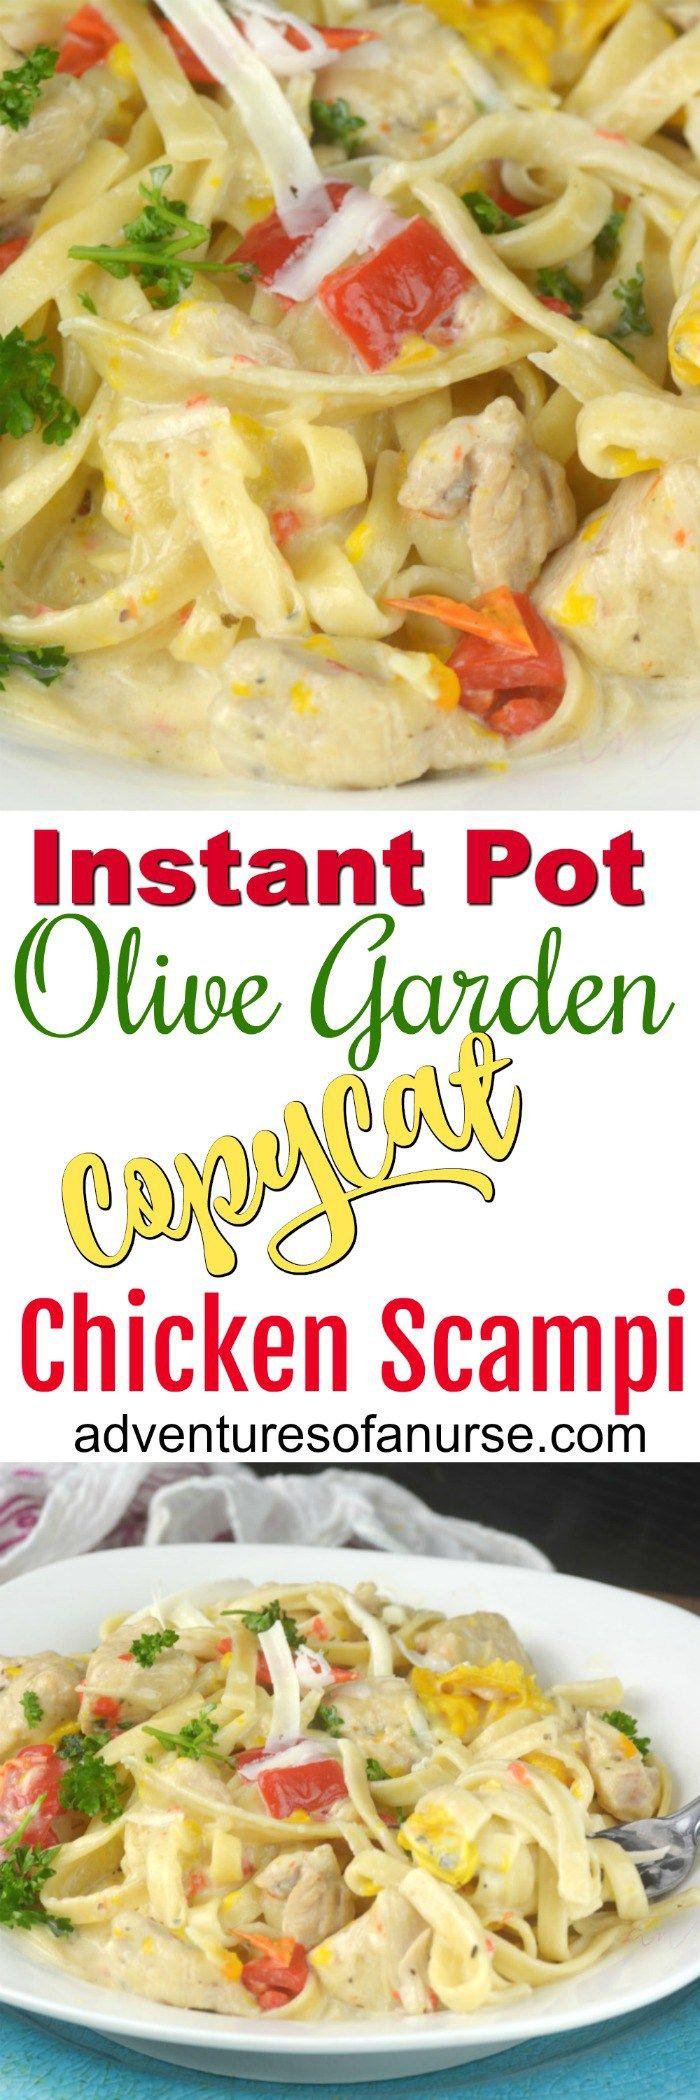 Instant Pot Olive Garden Chicken Scampi